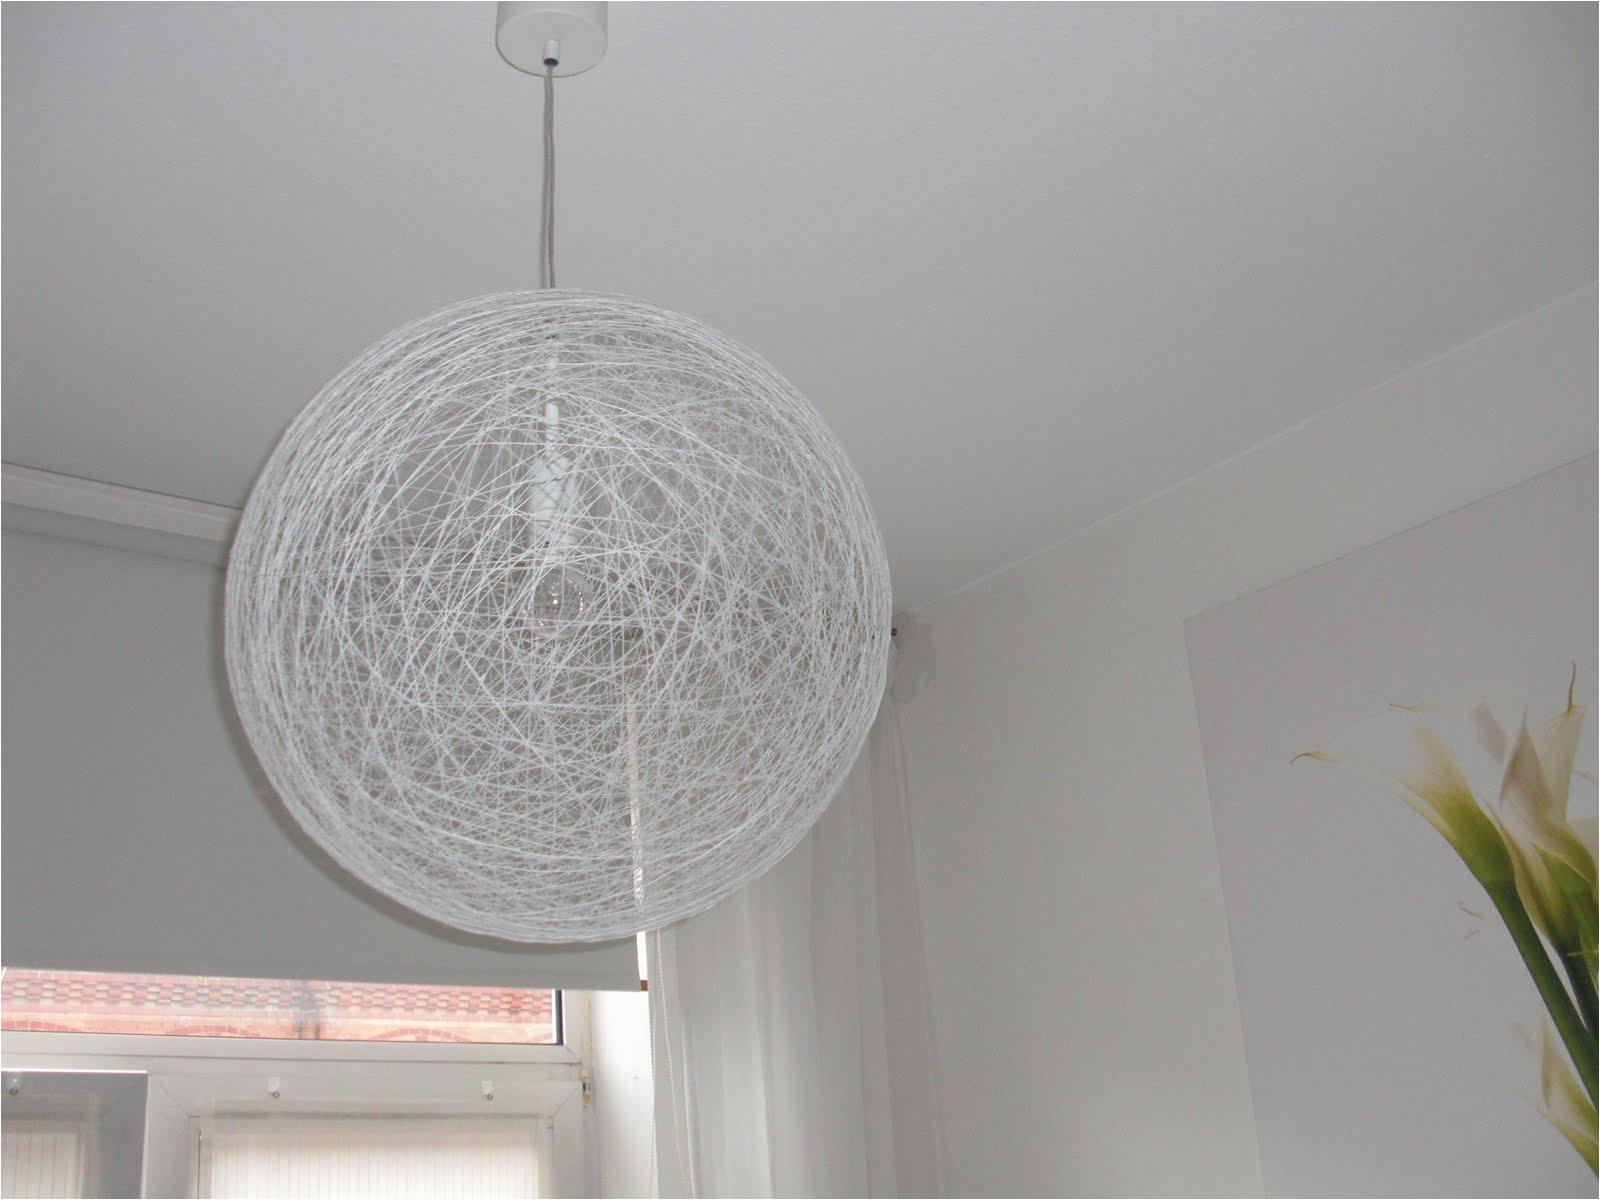 DIY Lampe Schlafzimmer neue Glühbirne 2 JPG